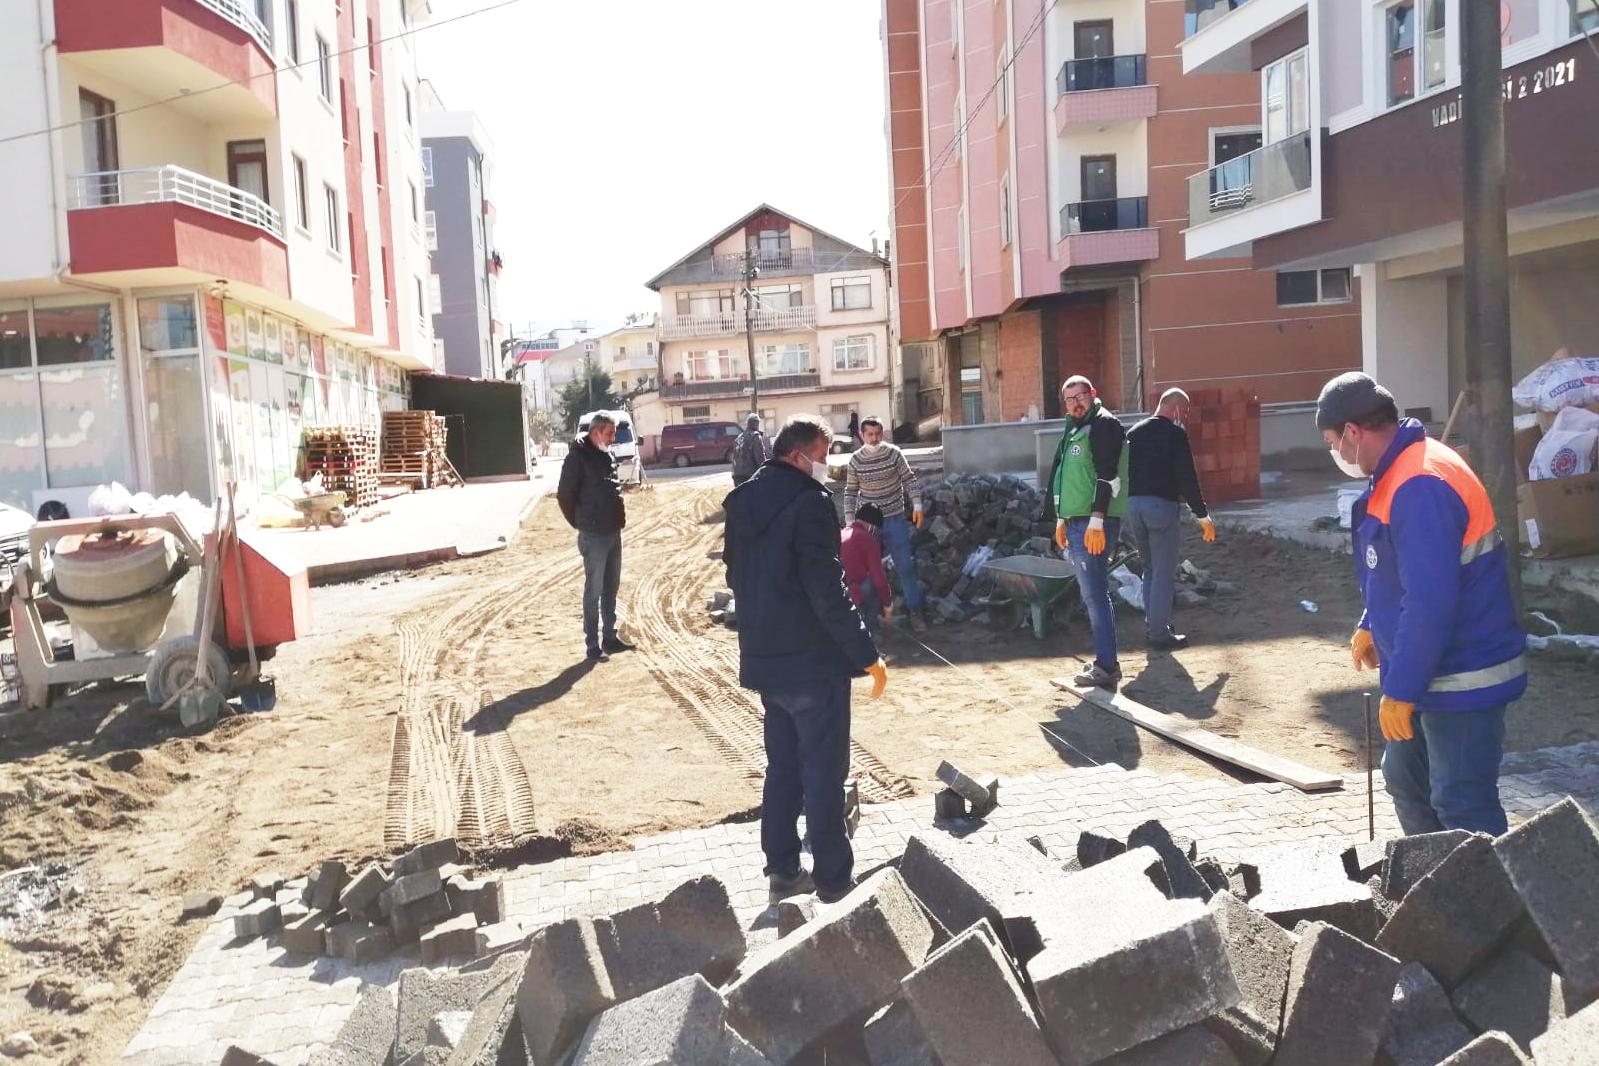 Giresun'da Alt Yapı Çalışmaları Tüm Hızıyla Devam Ediyor